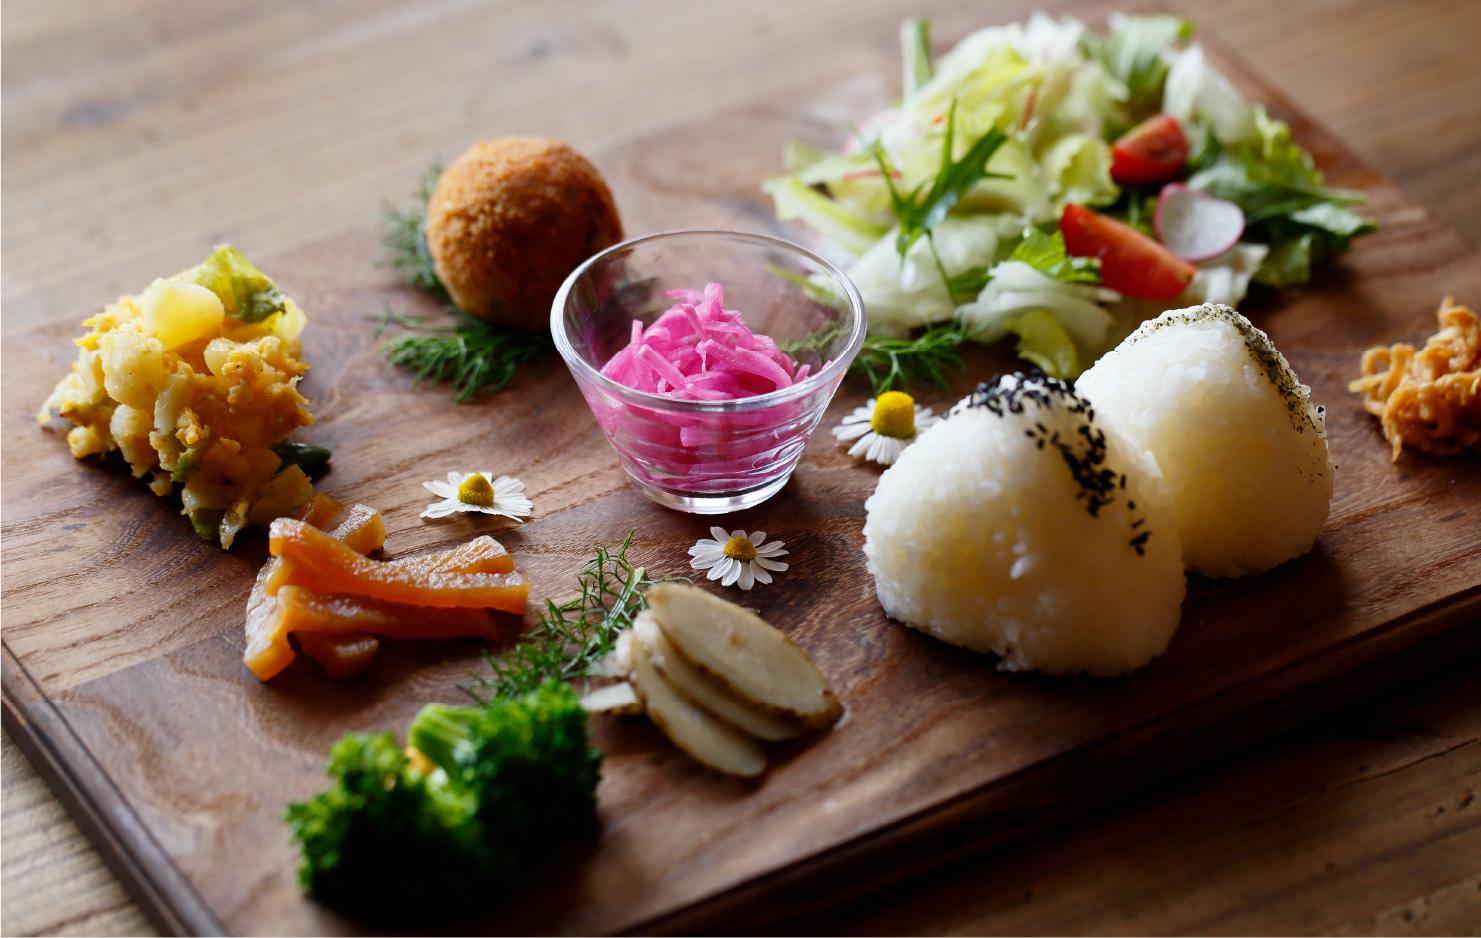 採れたての野菜や無農薬のお米で作られる動物性食材不使用のランチプレート「ベジ・おむすびランチ」